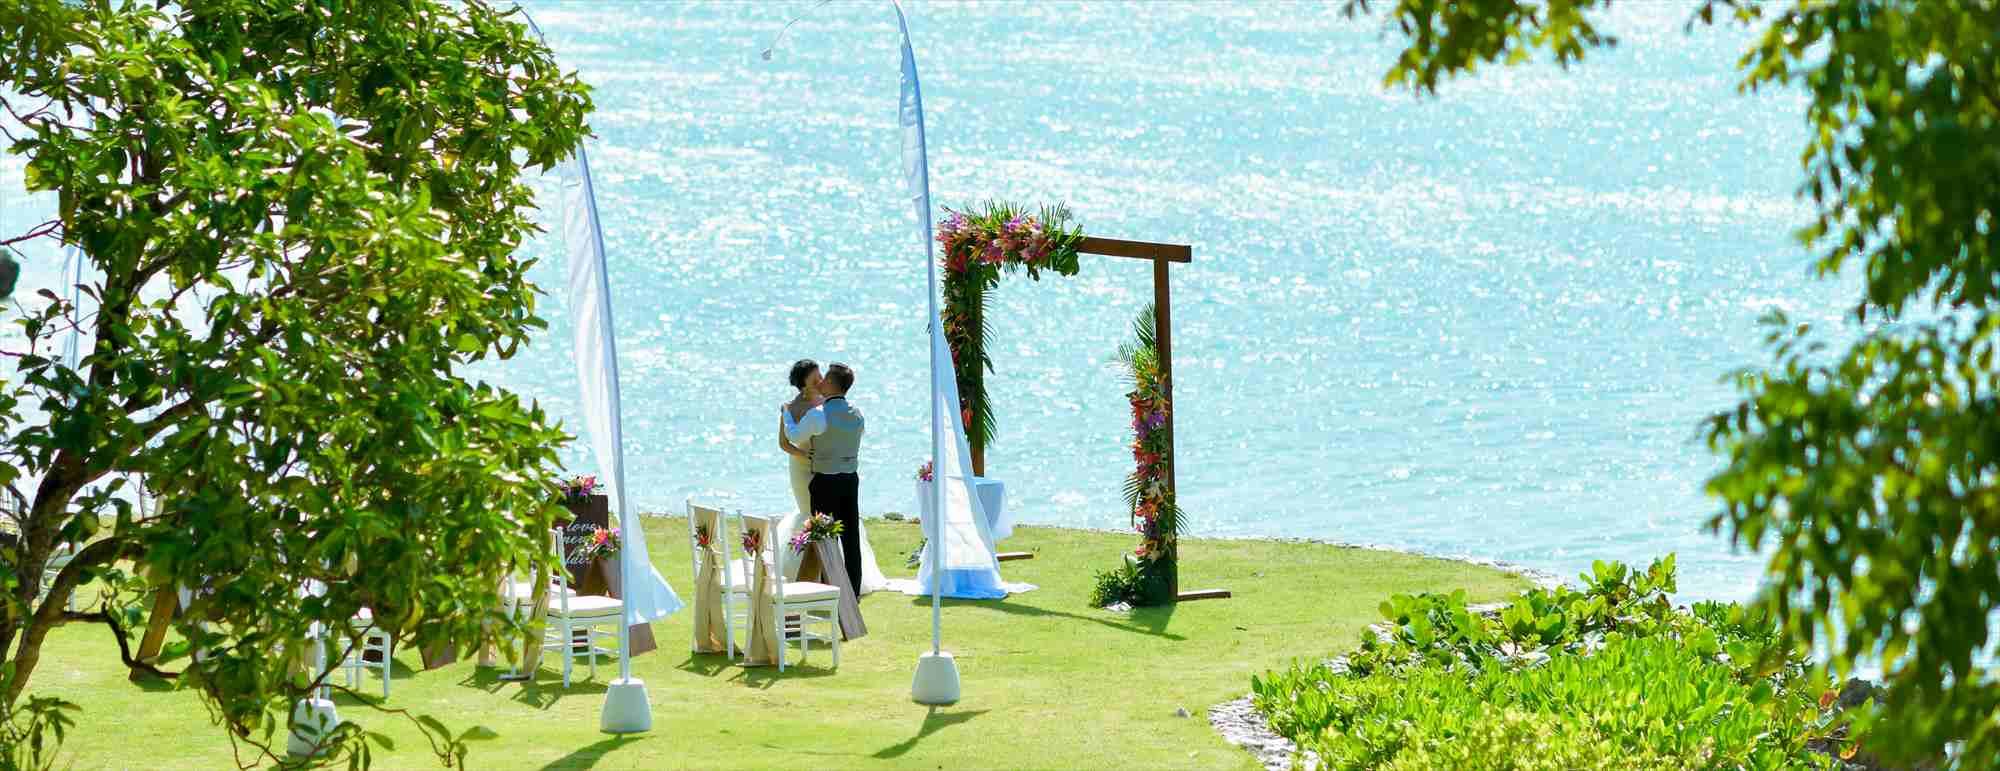 バリ島ガーデン・ウェディング フォーシーズンズ・バリ・ジンバラン ガーデン挙式 Fourseasons Resort Bali Jimbaran Garden Wedding